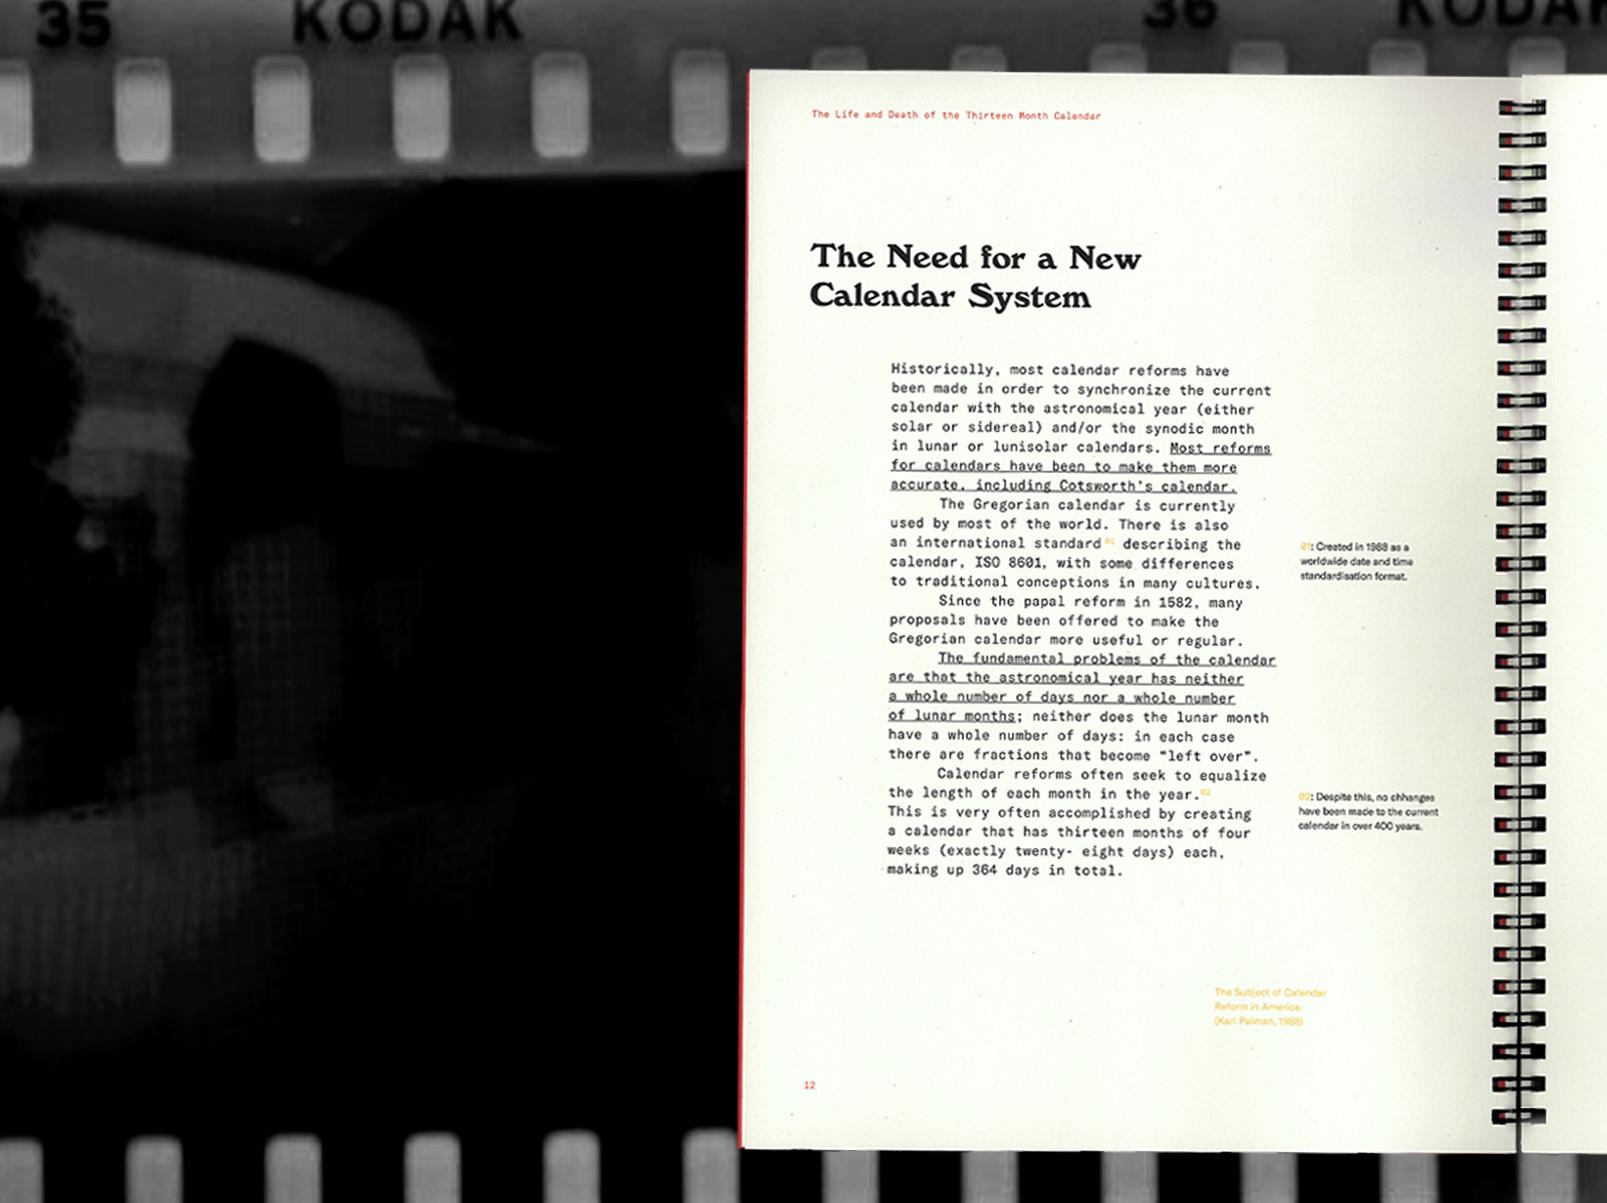 13 Month Calendar Typography + Book Design + Editorial throughout Kodak Calendar Maker